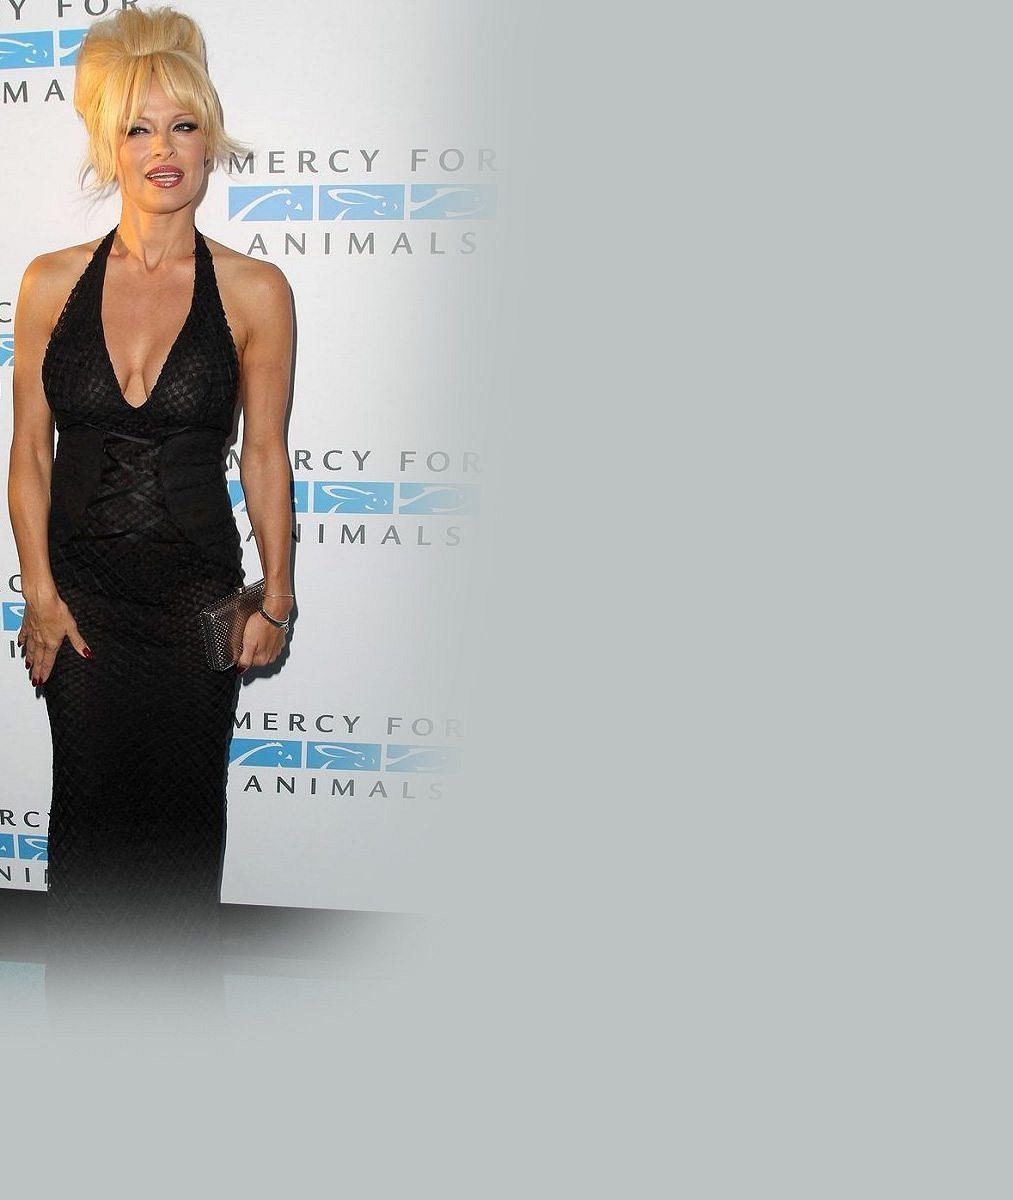 Návrat do starých dobrých časů: Pamela Anderson nasadila paruku a vystavila své legendární silikony v průhledných šatech